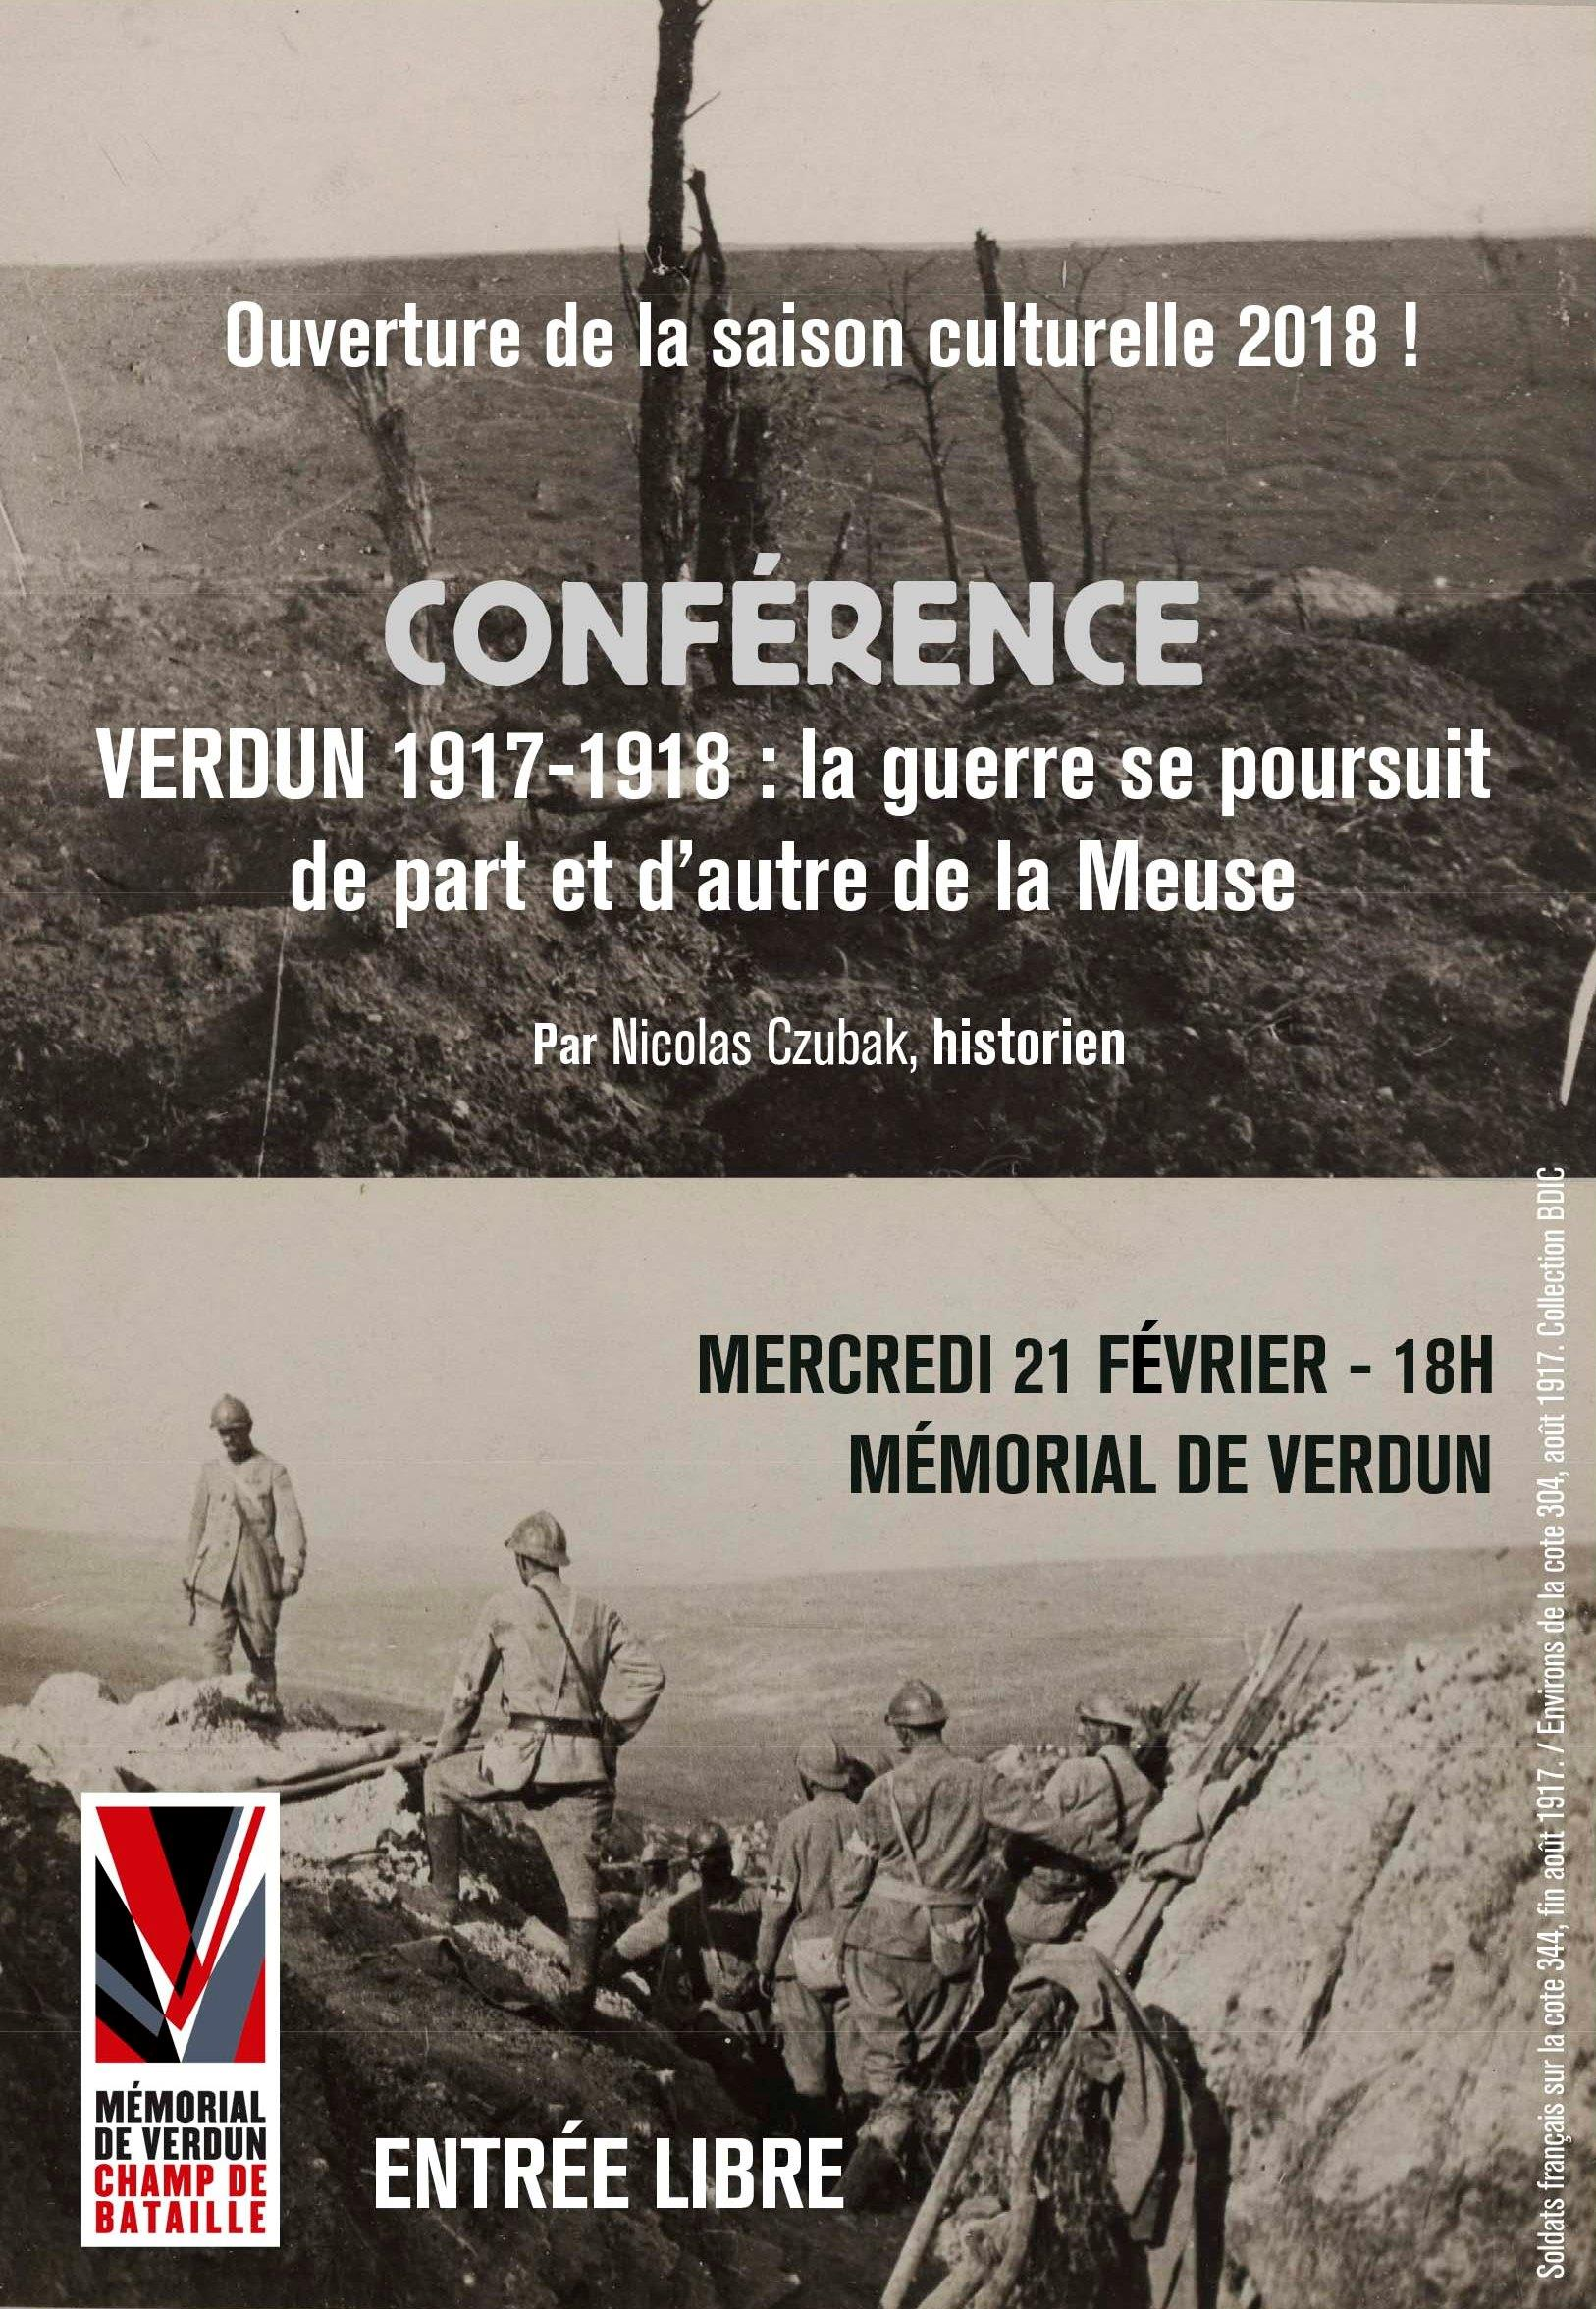 CONFÉRENCE | VERDUN 1917-1918 : LA GUERRE SE POURSUIT DE PART ET D'AUTRE DE LA MEUSE